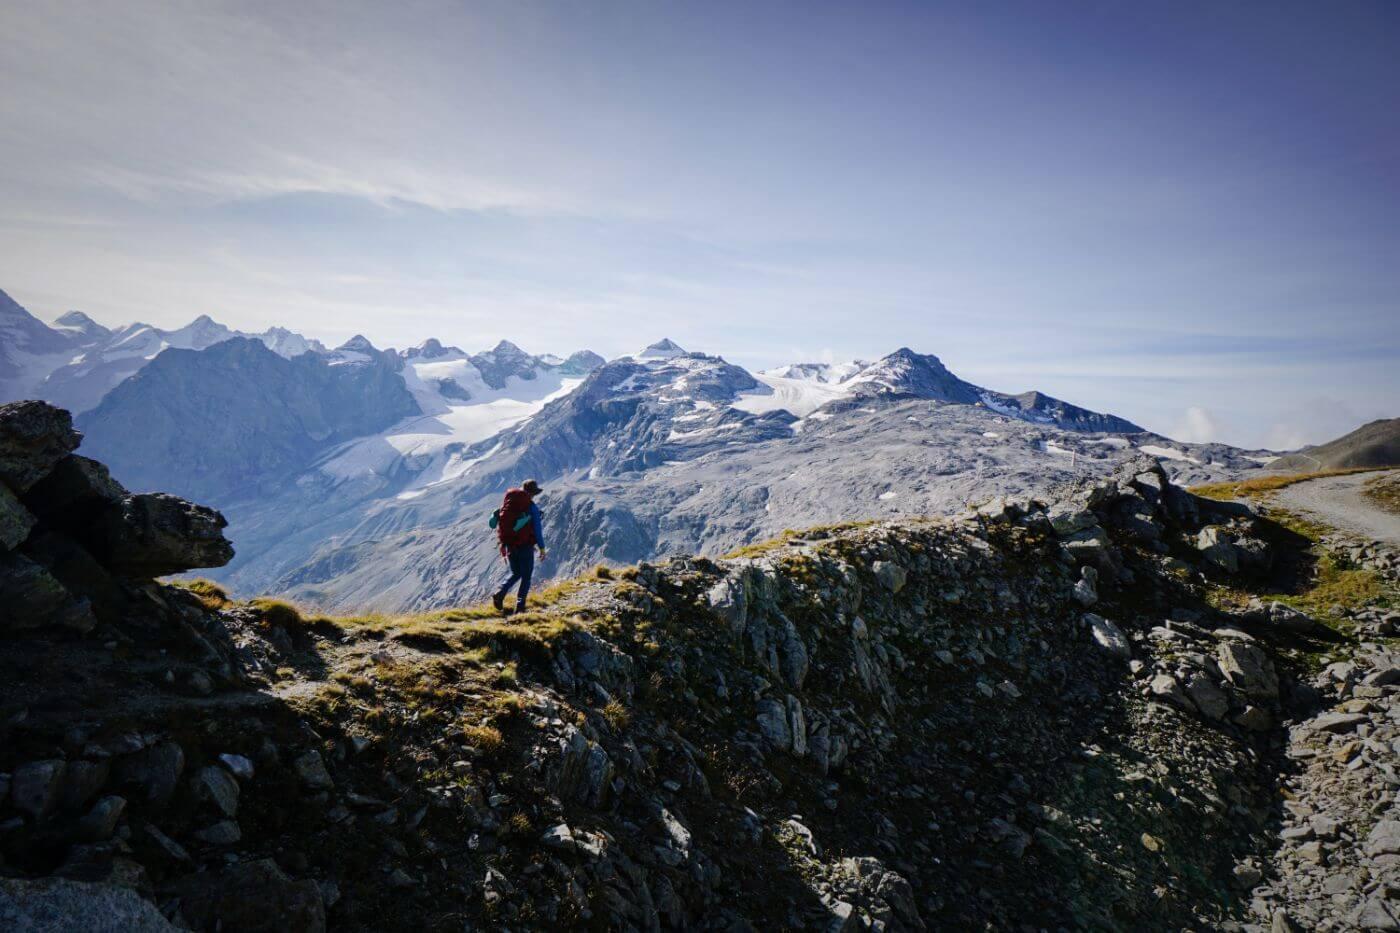 Ortler High Mountain Trail Trekking Guide, Goldseeweg